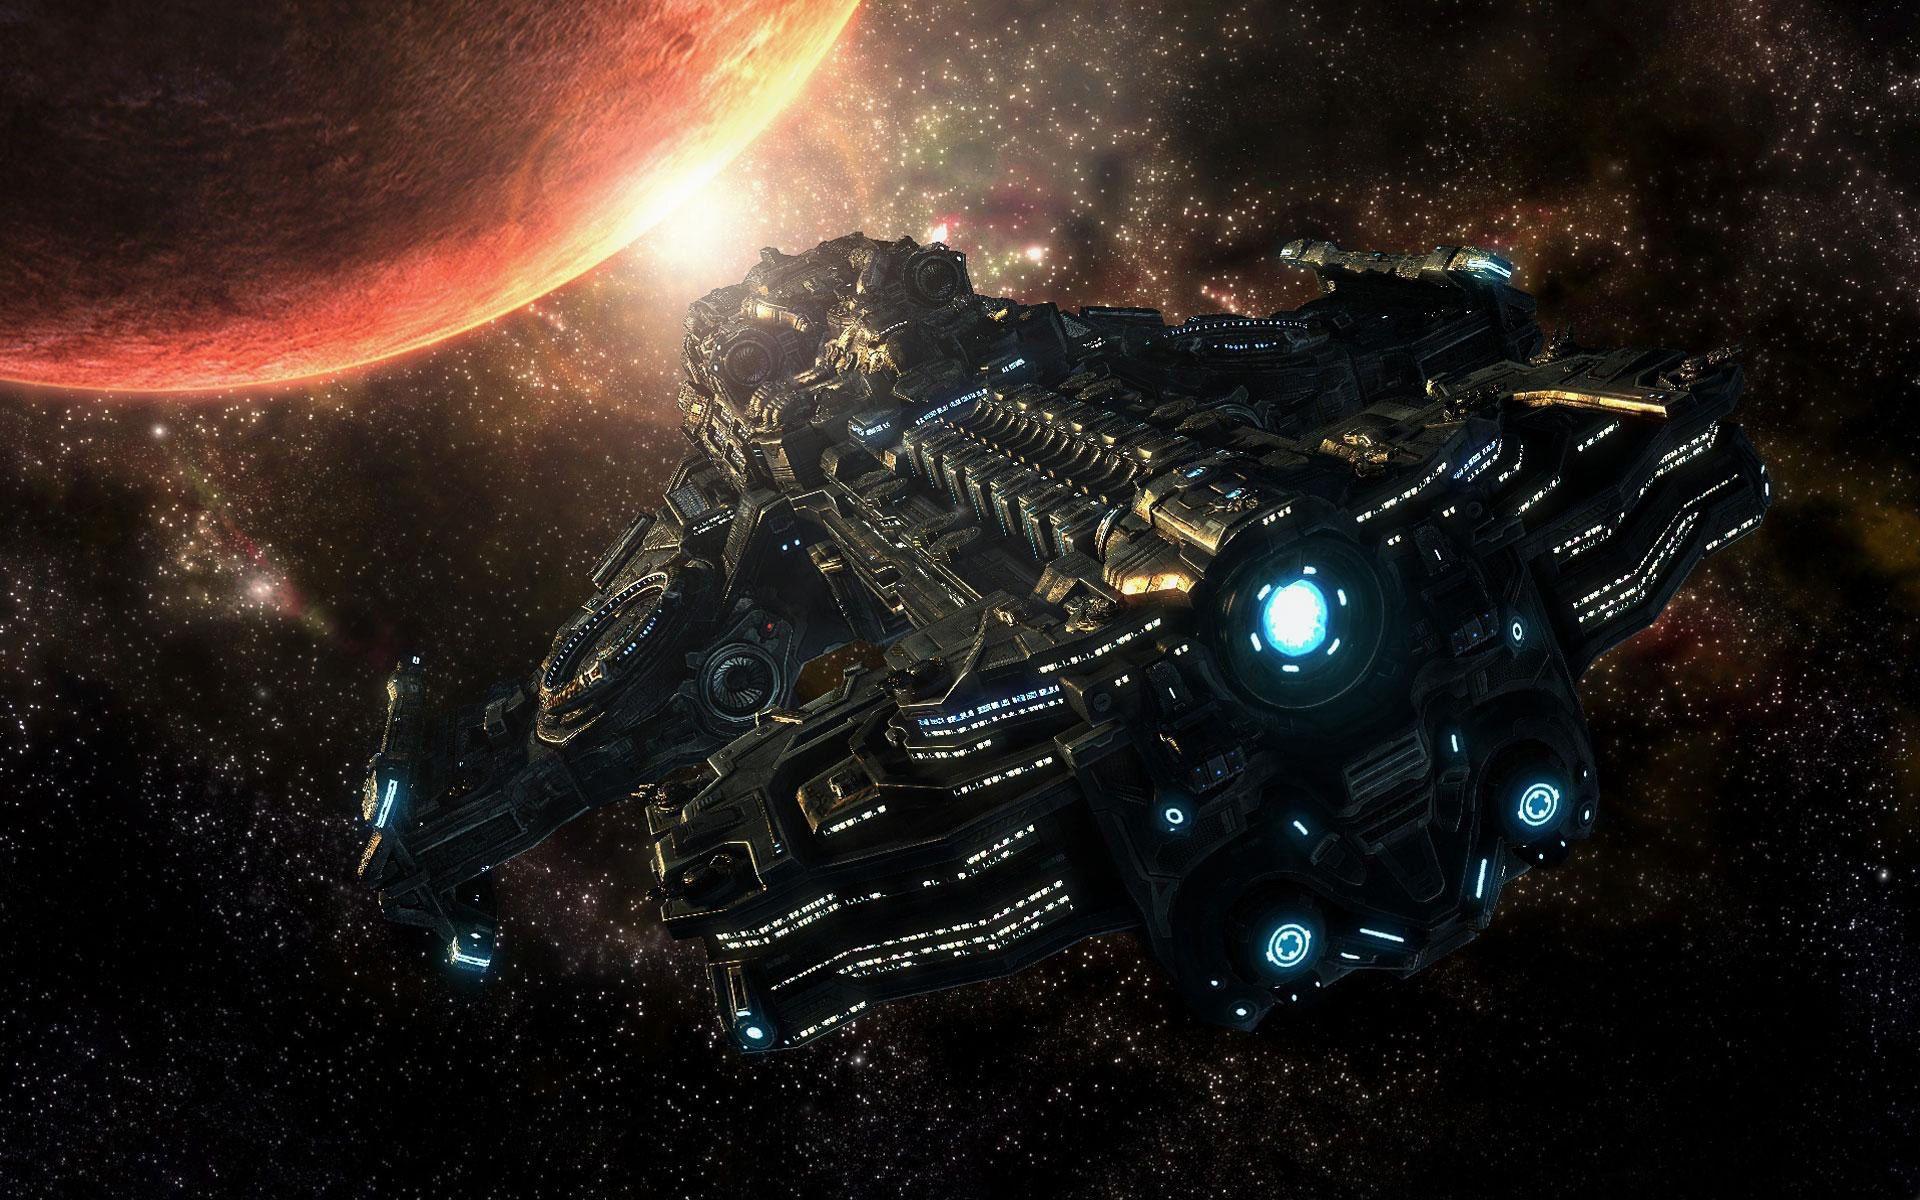 spaceship hd wallpaper futuristic spaceship starcraft starcraft rh pinterest com